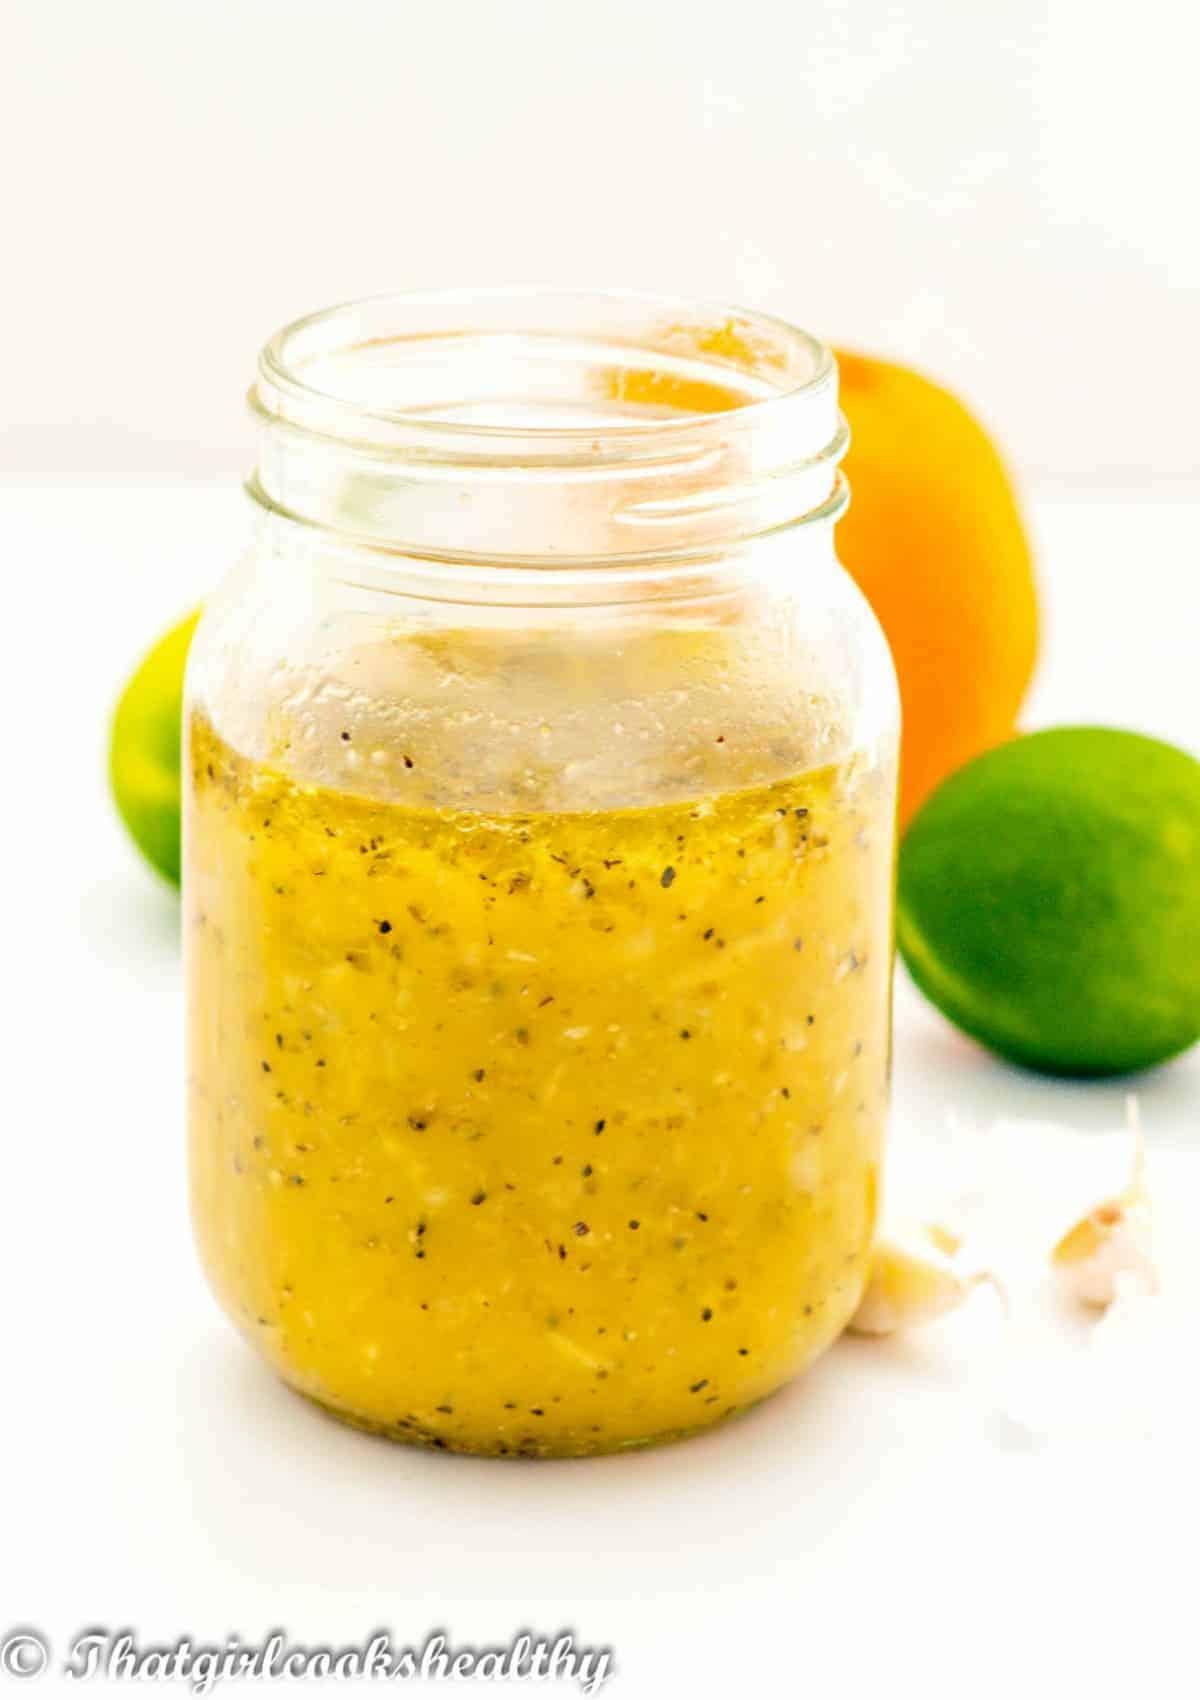 yellow marinate in jar